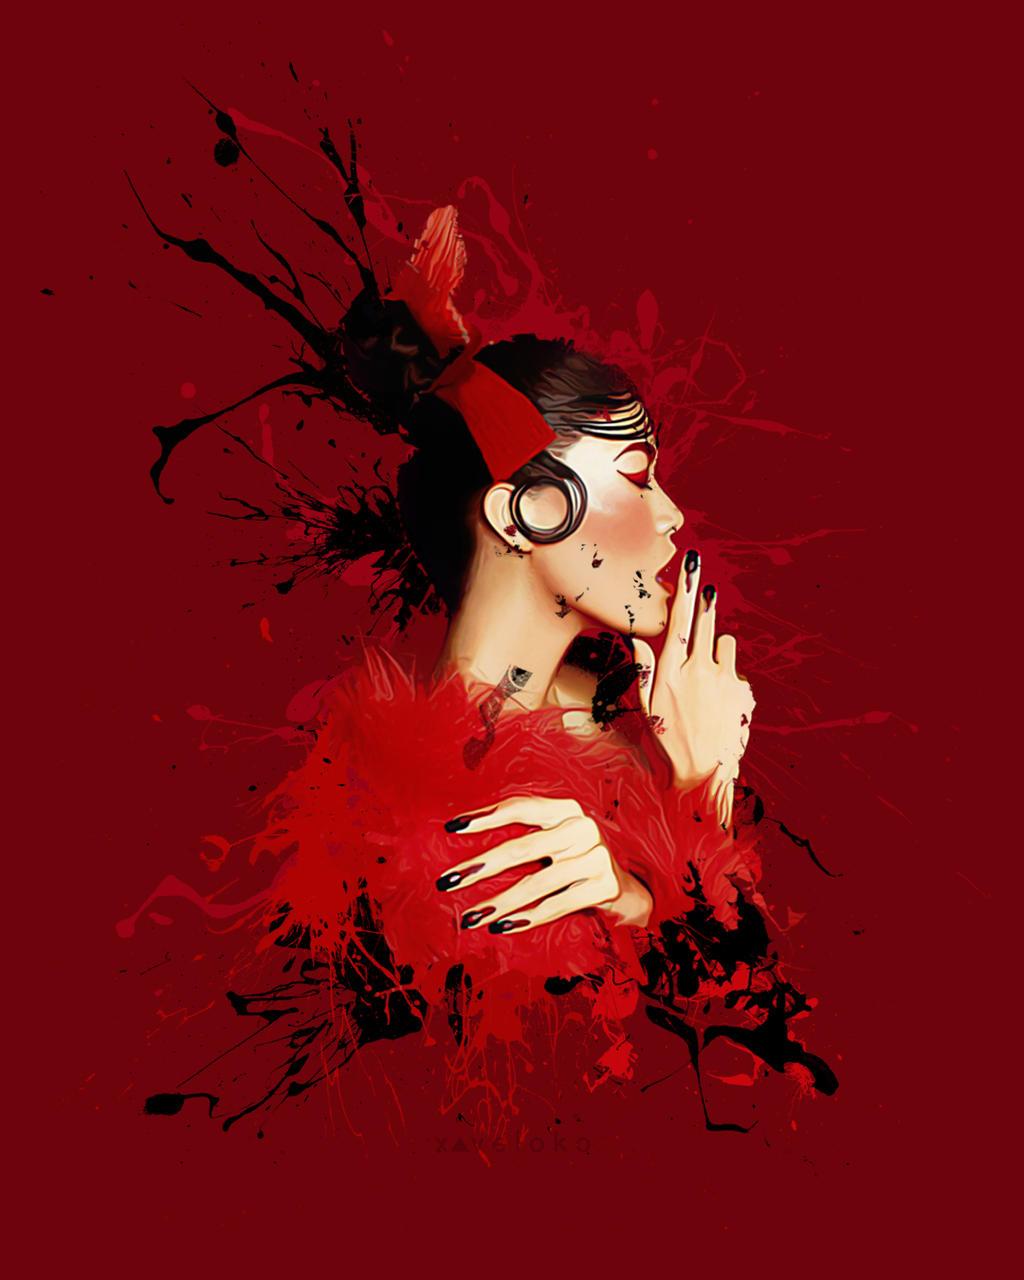 Reddish by xavierlokollo